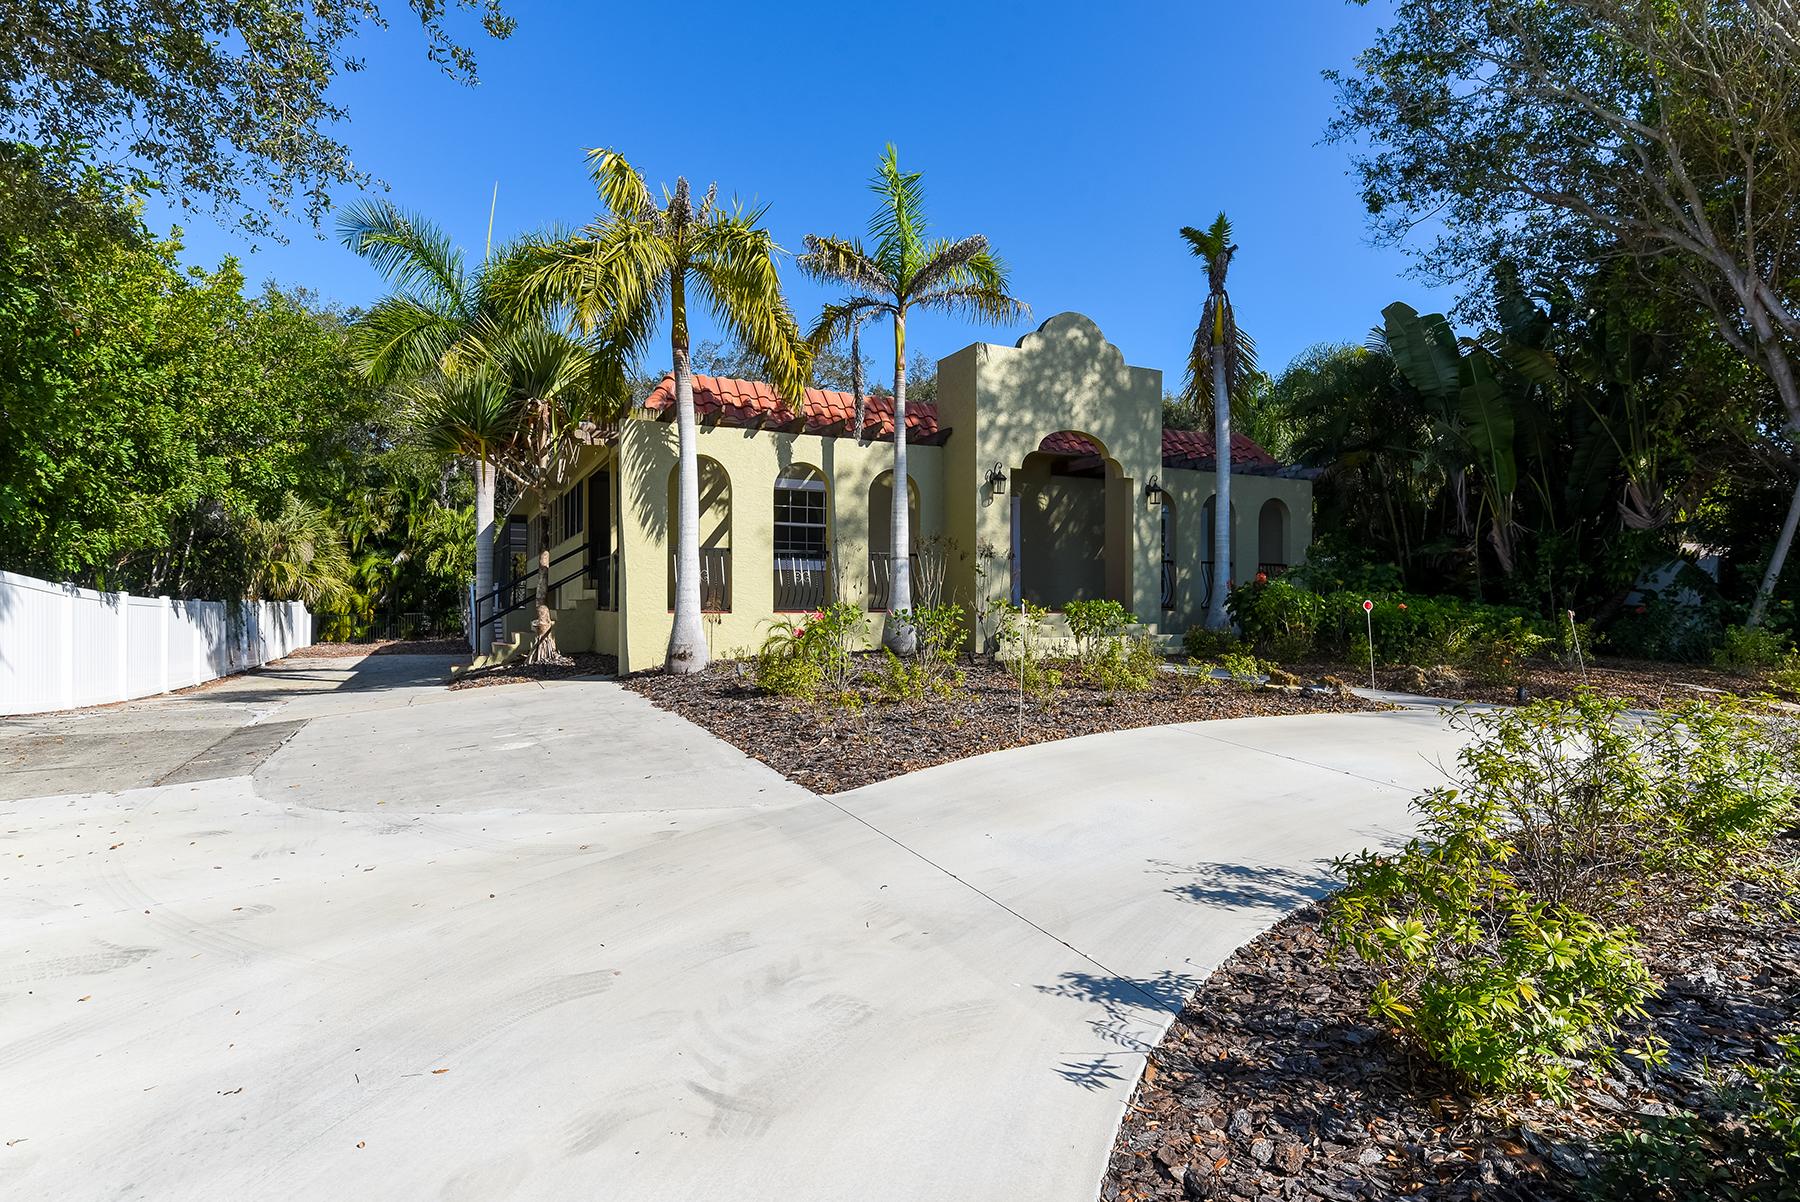 独户住宅 为 销售 在 SUNSET BAY 1521 Siesta Dr 萨拉索塔, 佛罗里达州, 34239 美国